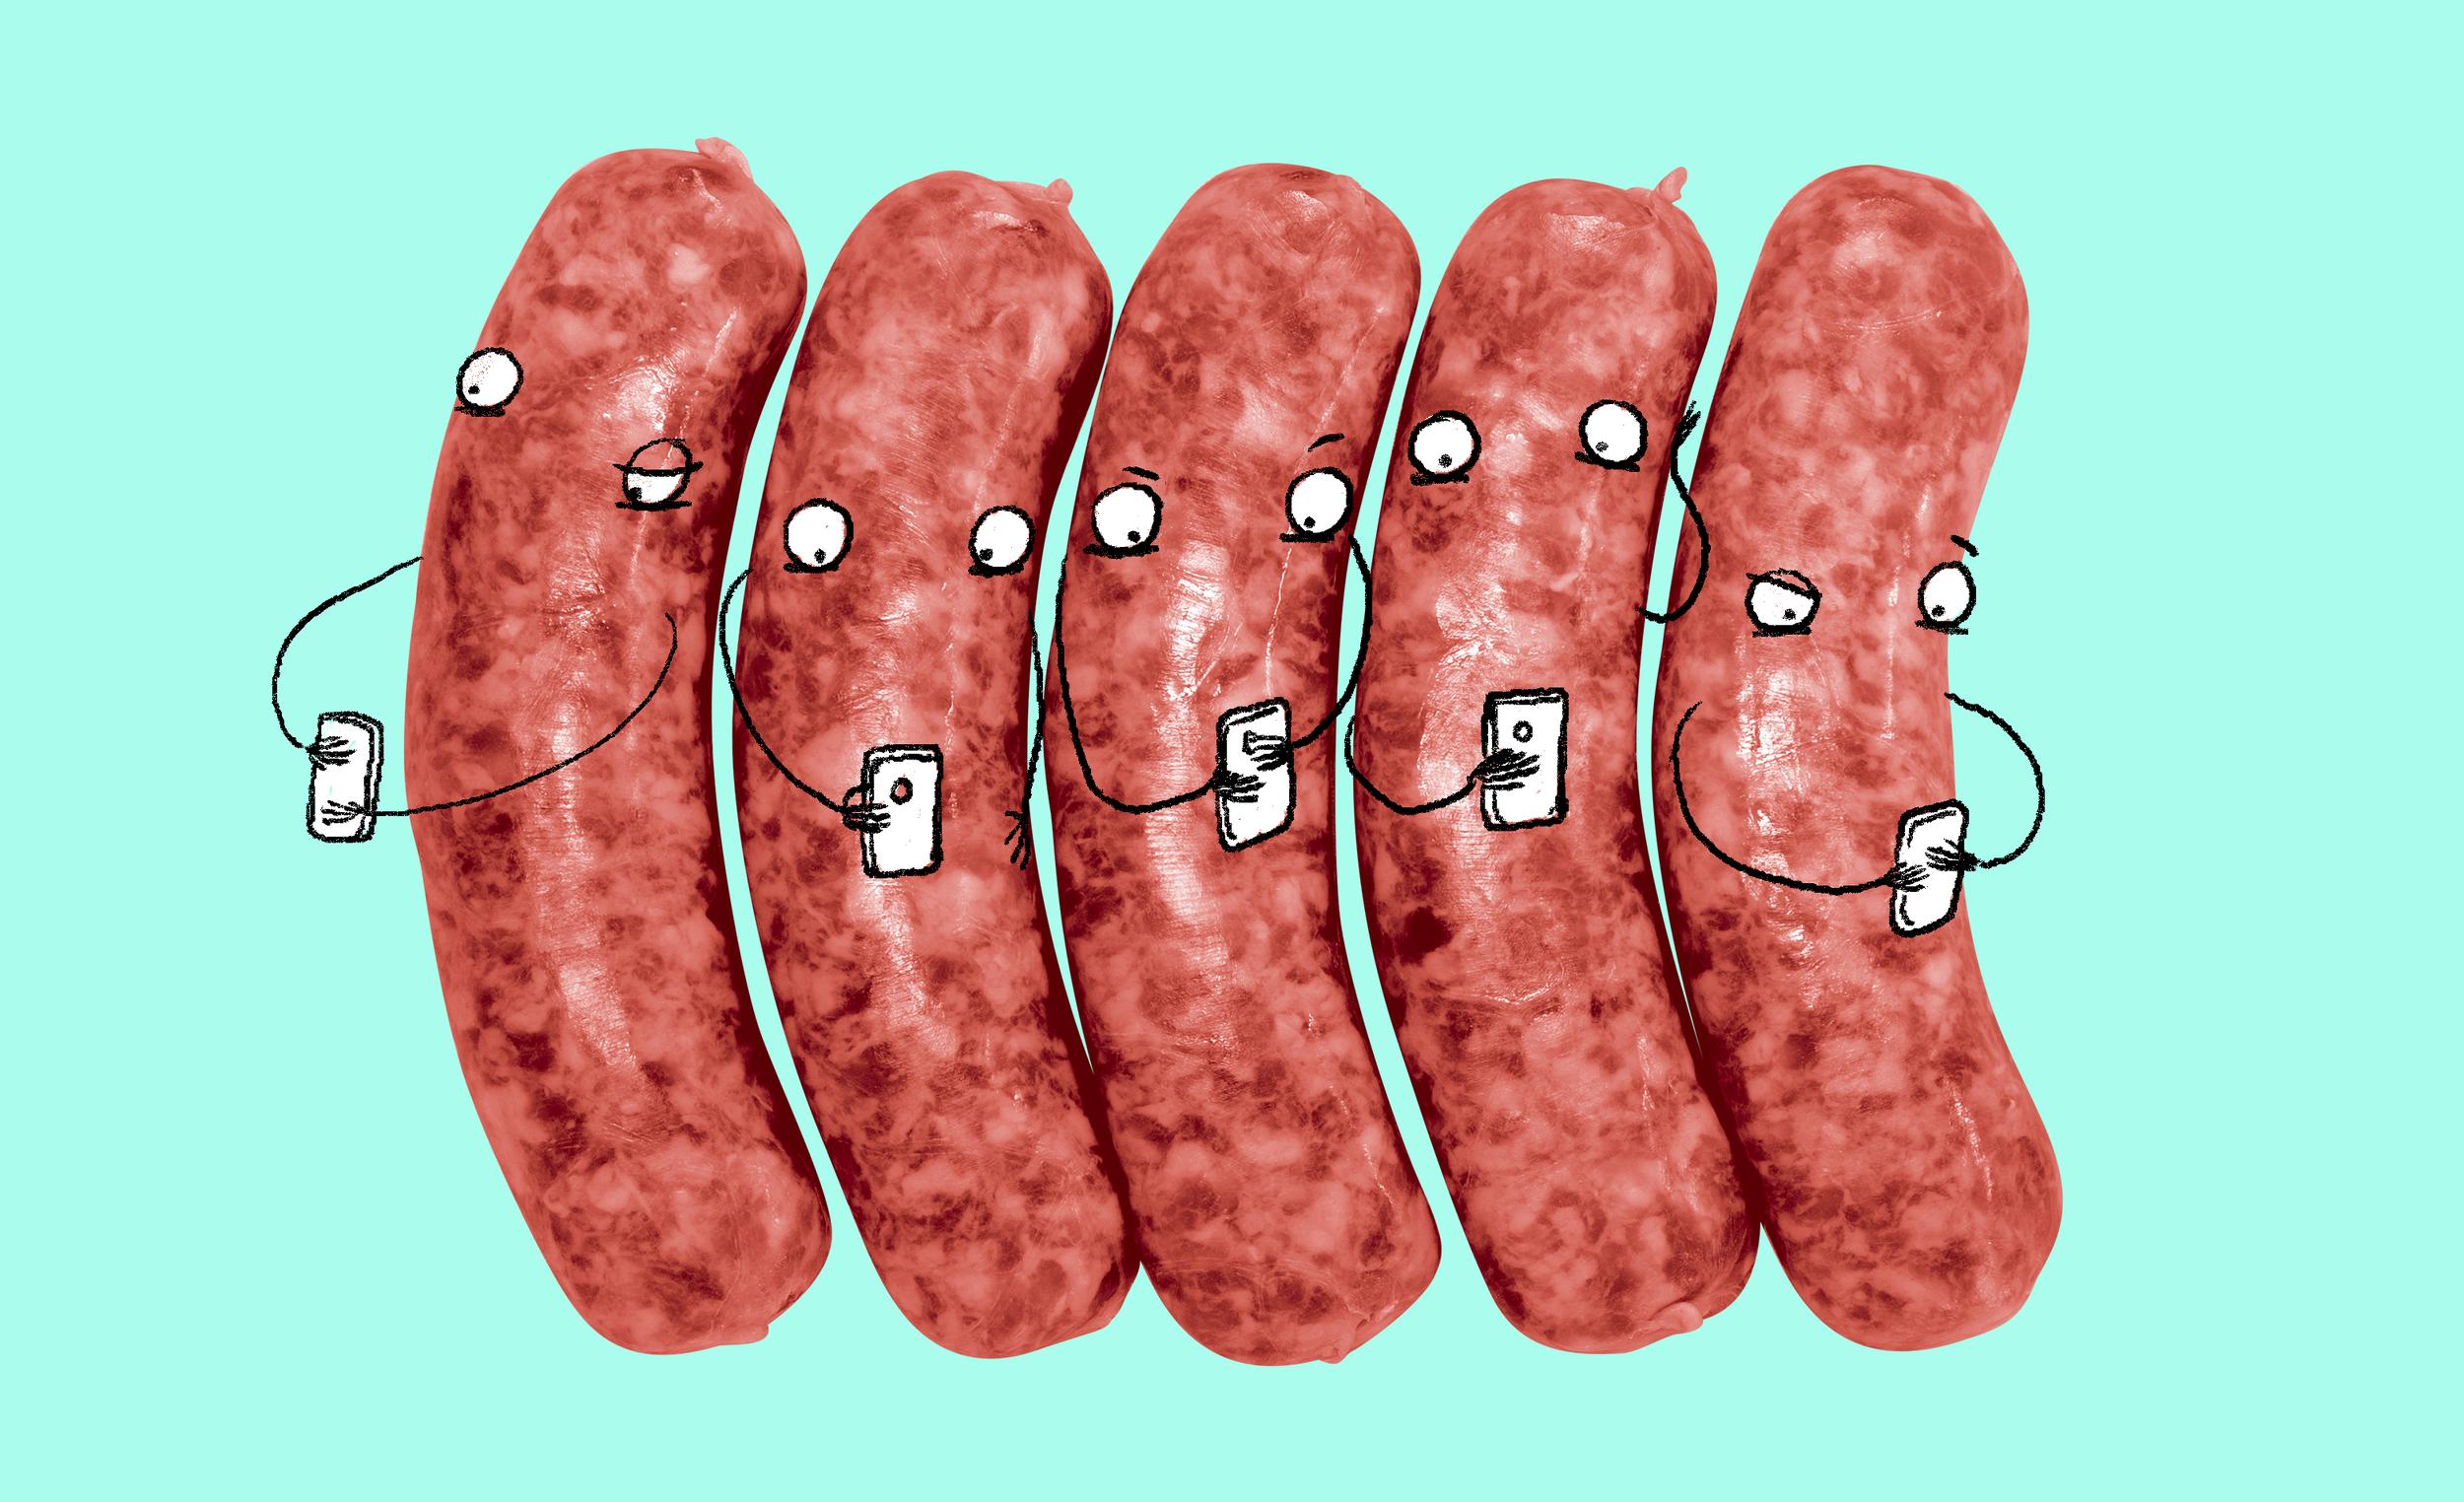 dick-pics-sausage-2.png